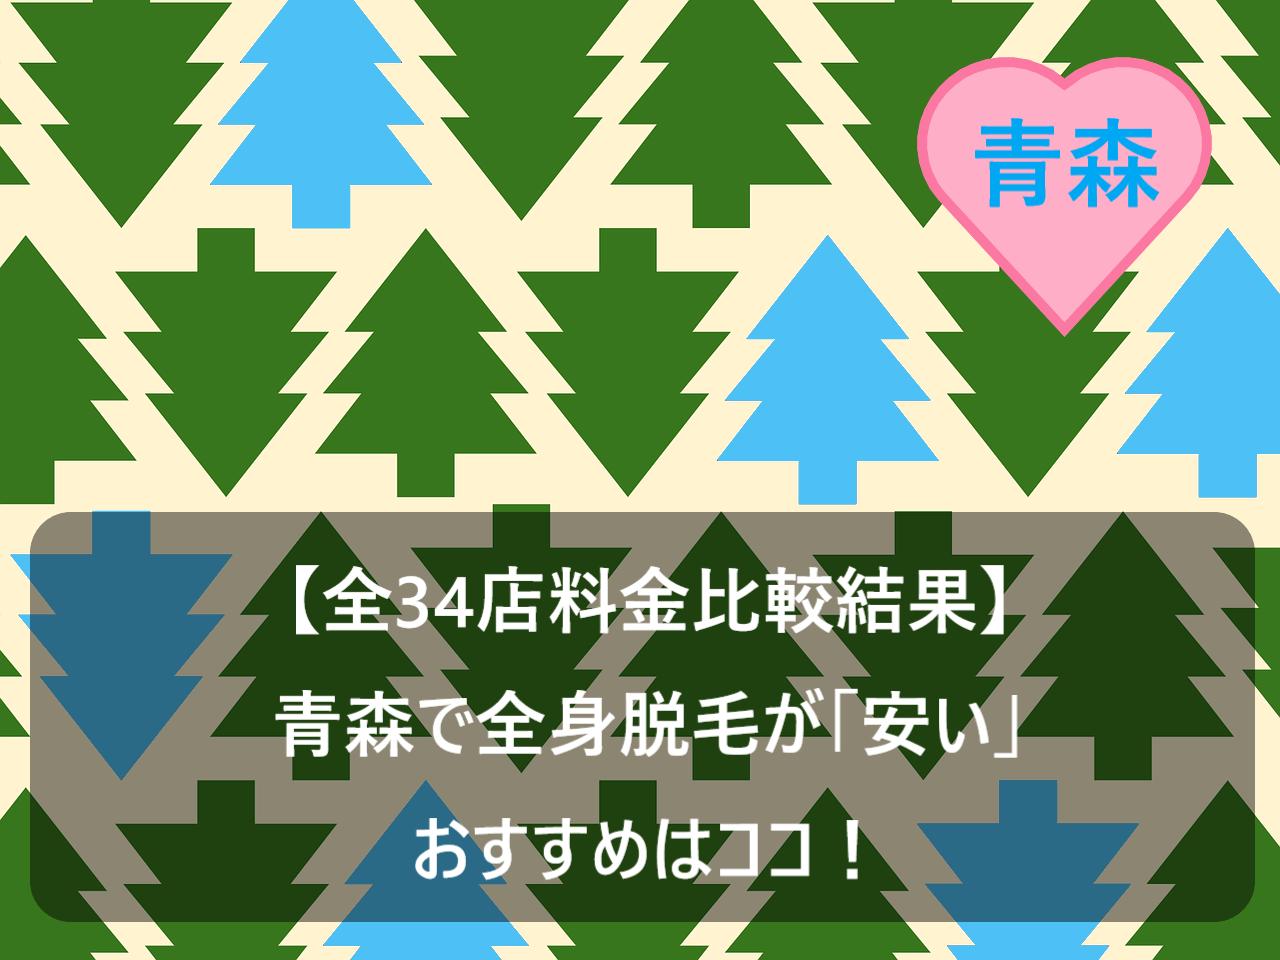 【全34店料金比較結果】青森で全身脱毛が「安い」おすすめはココ!と青い森をイメージした画像に書かれている画像